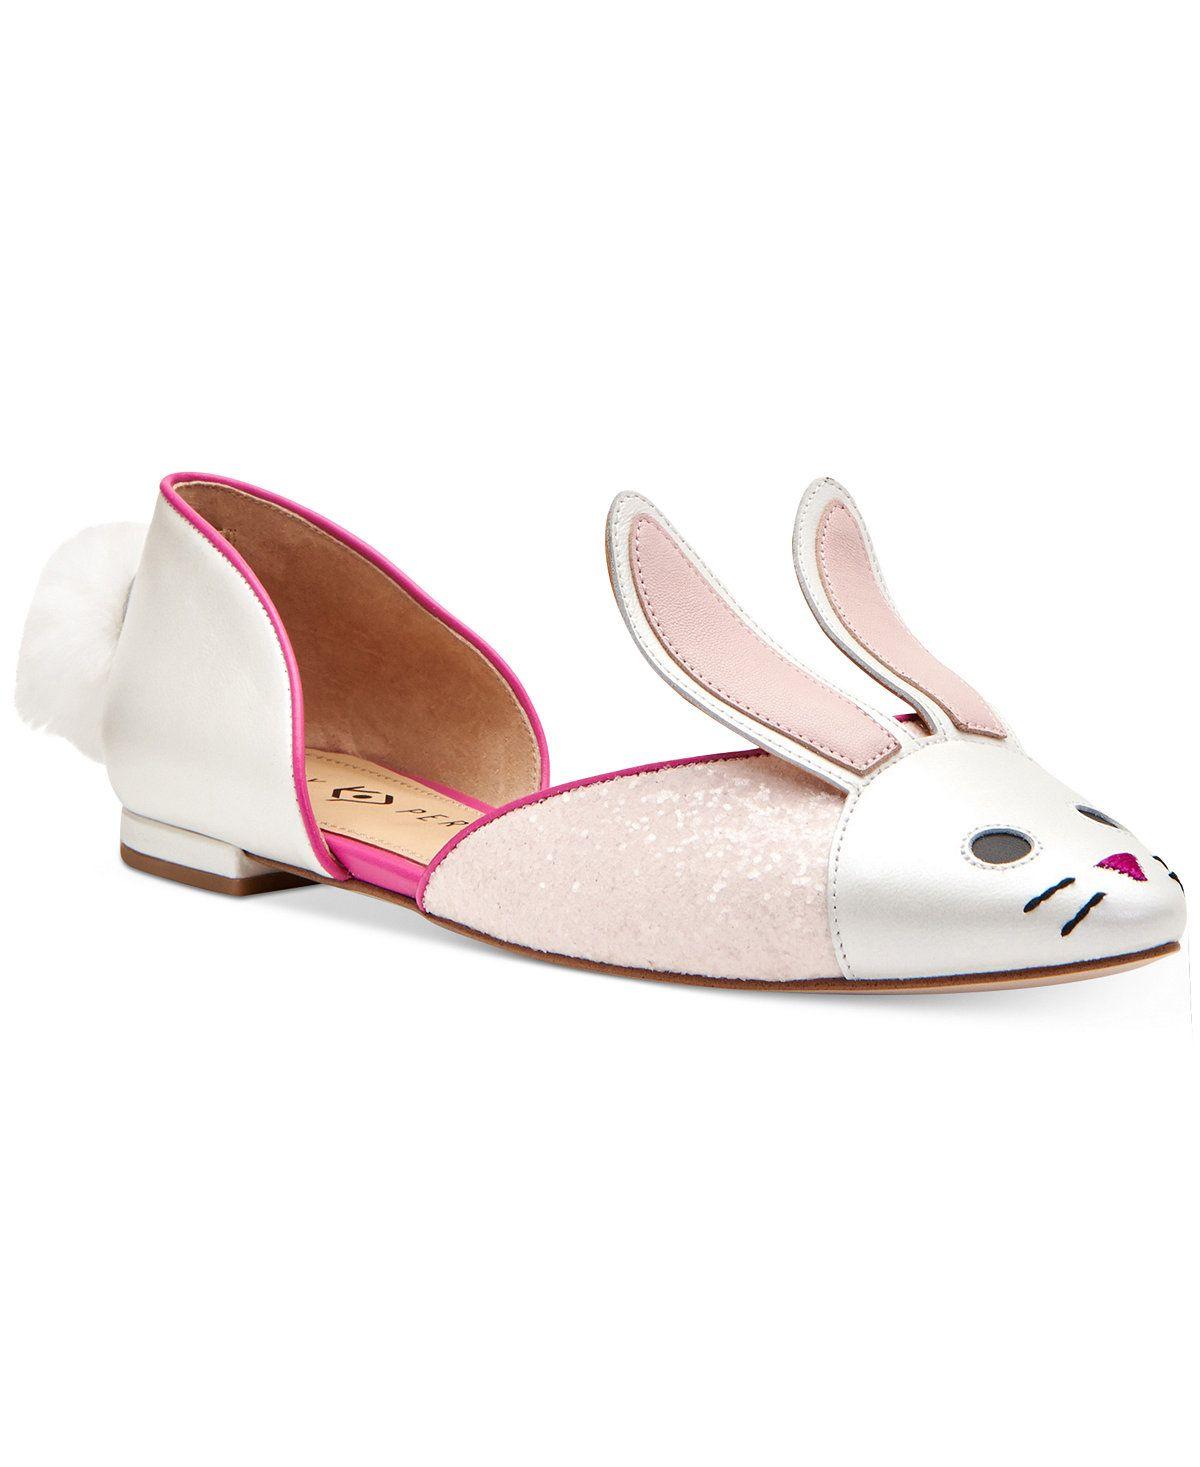 53ca5d7c2a0f Katy Perry Jessica Bunny Flats - Flats - Shoes - Macy s